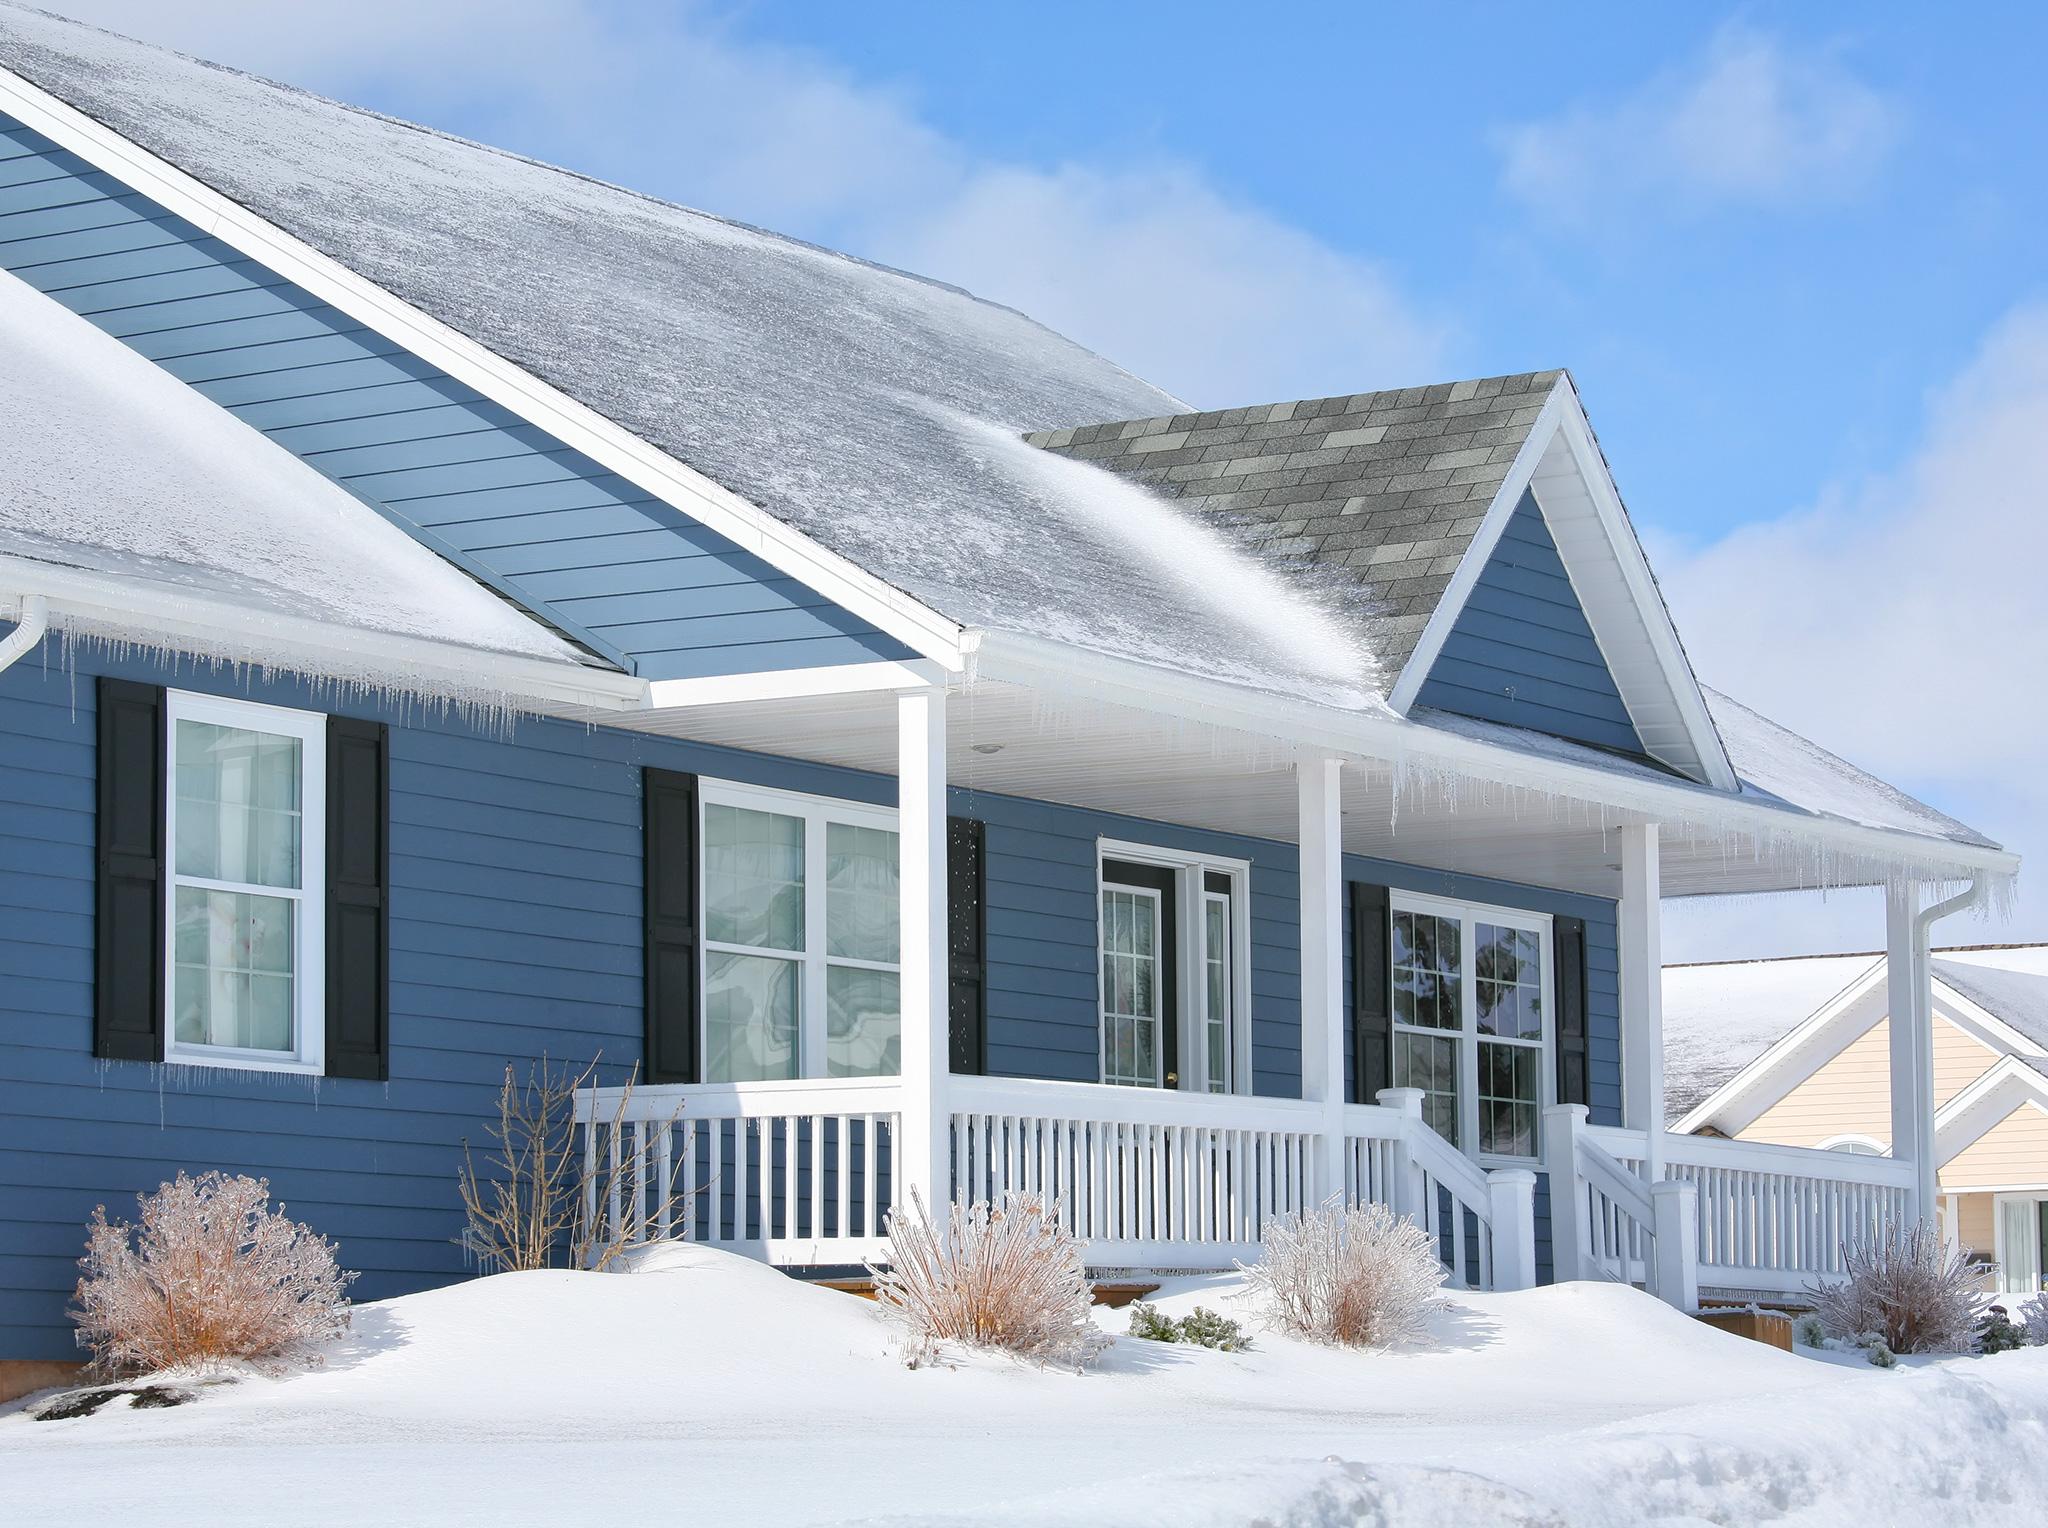 économiser l'énergie l'hiver